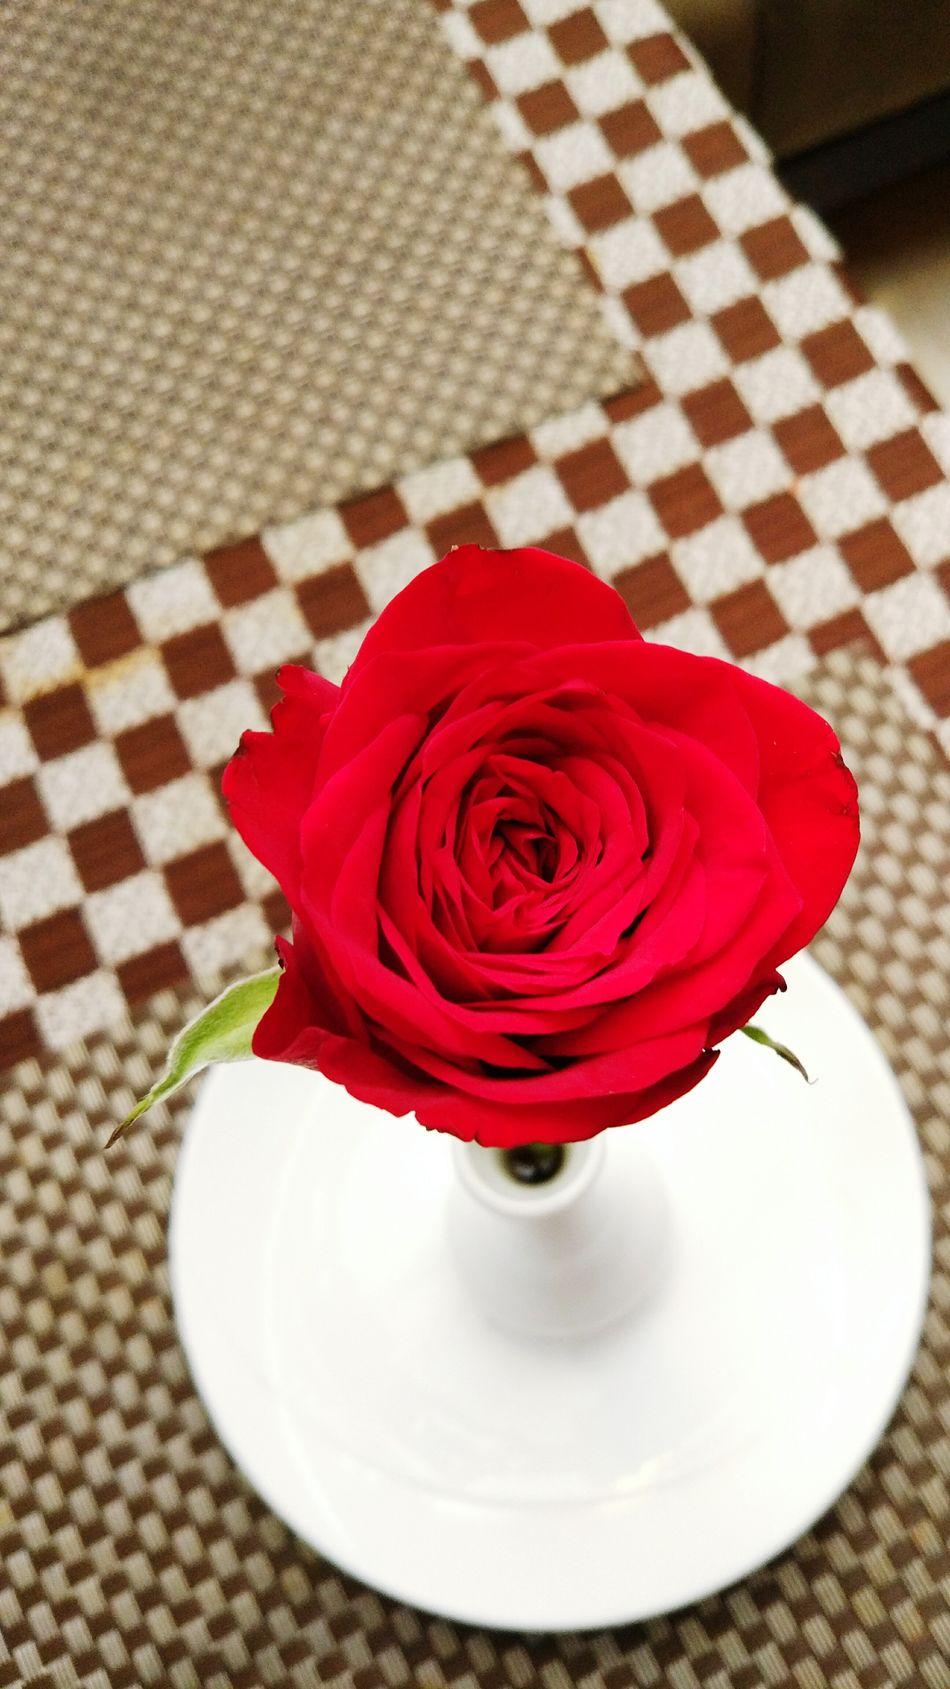 Rose flower Roseflower Dibin Photography White Background Red Love EyeEm Best Shots